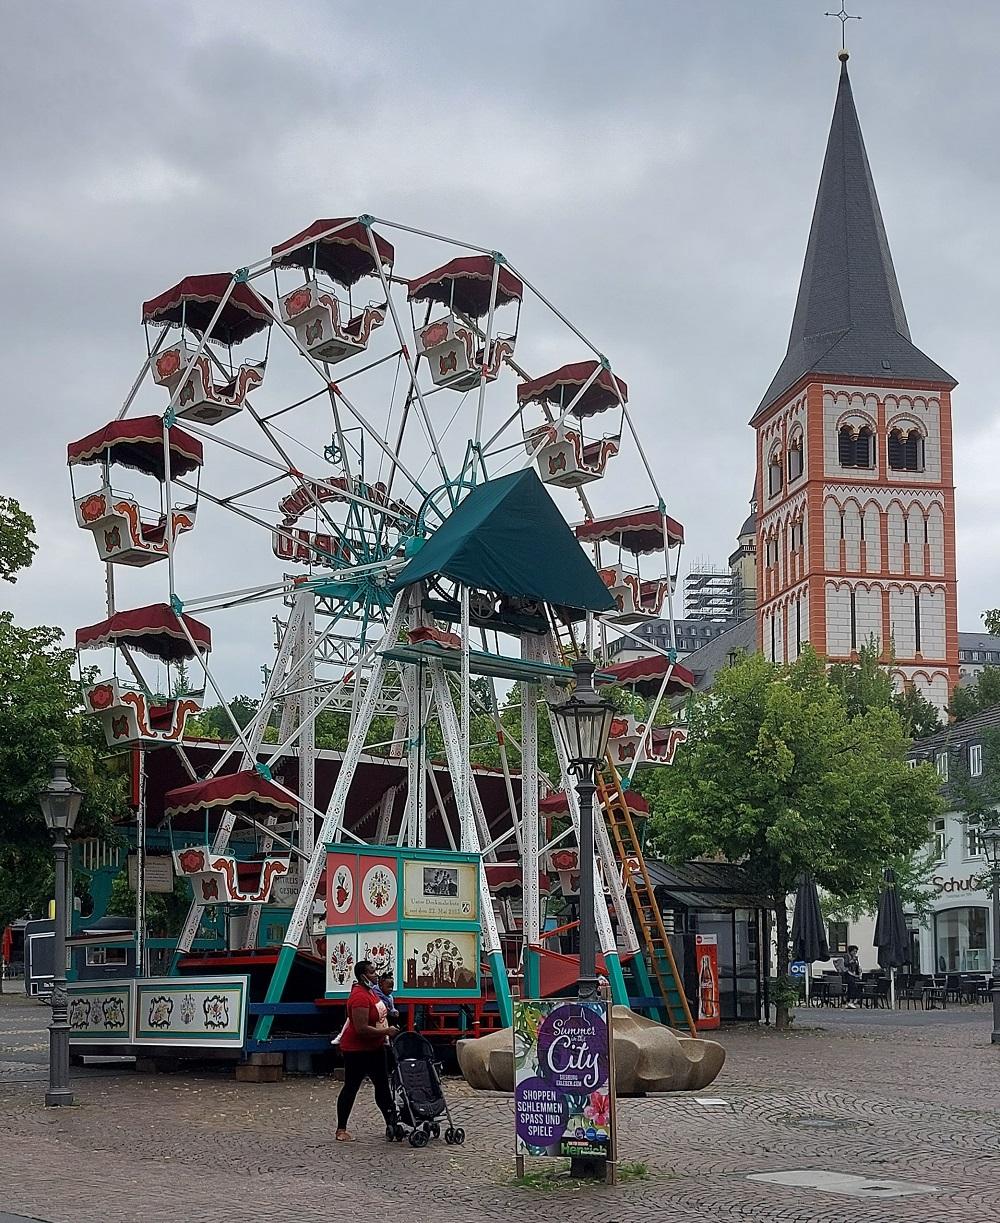 Historisches Riesenrad auf dem Markt, im Hintergrund St. Servatius.